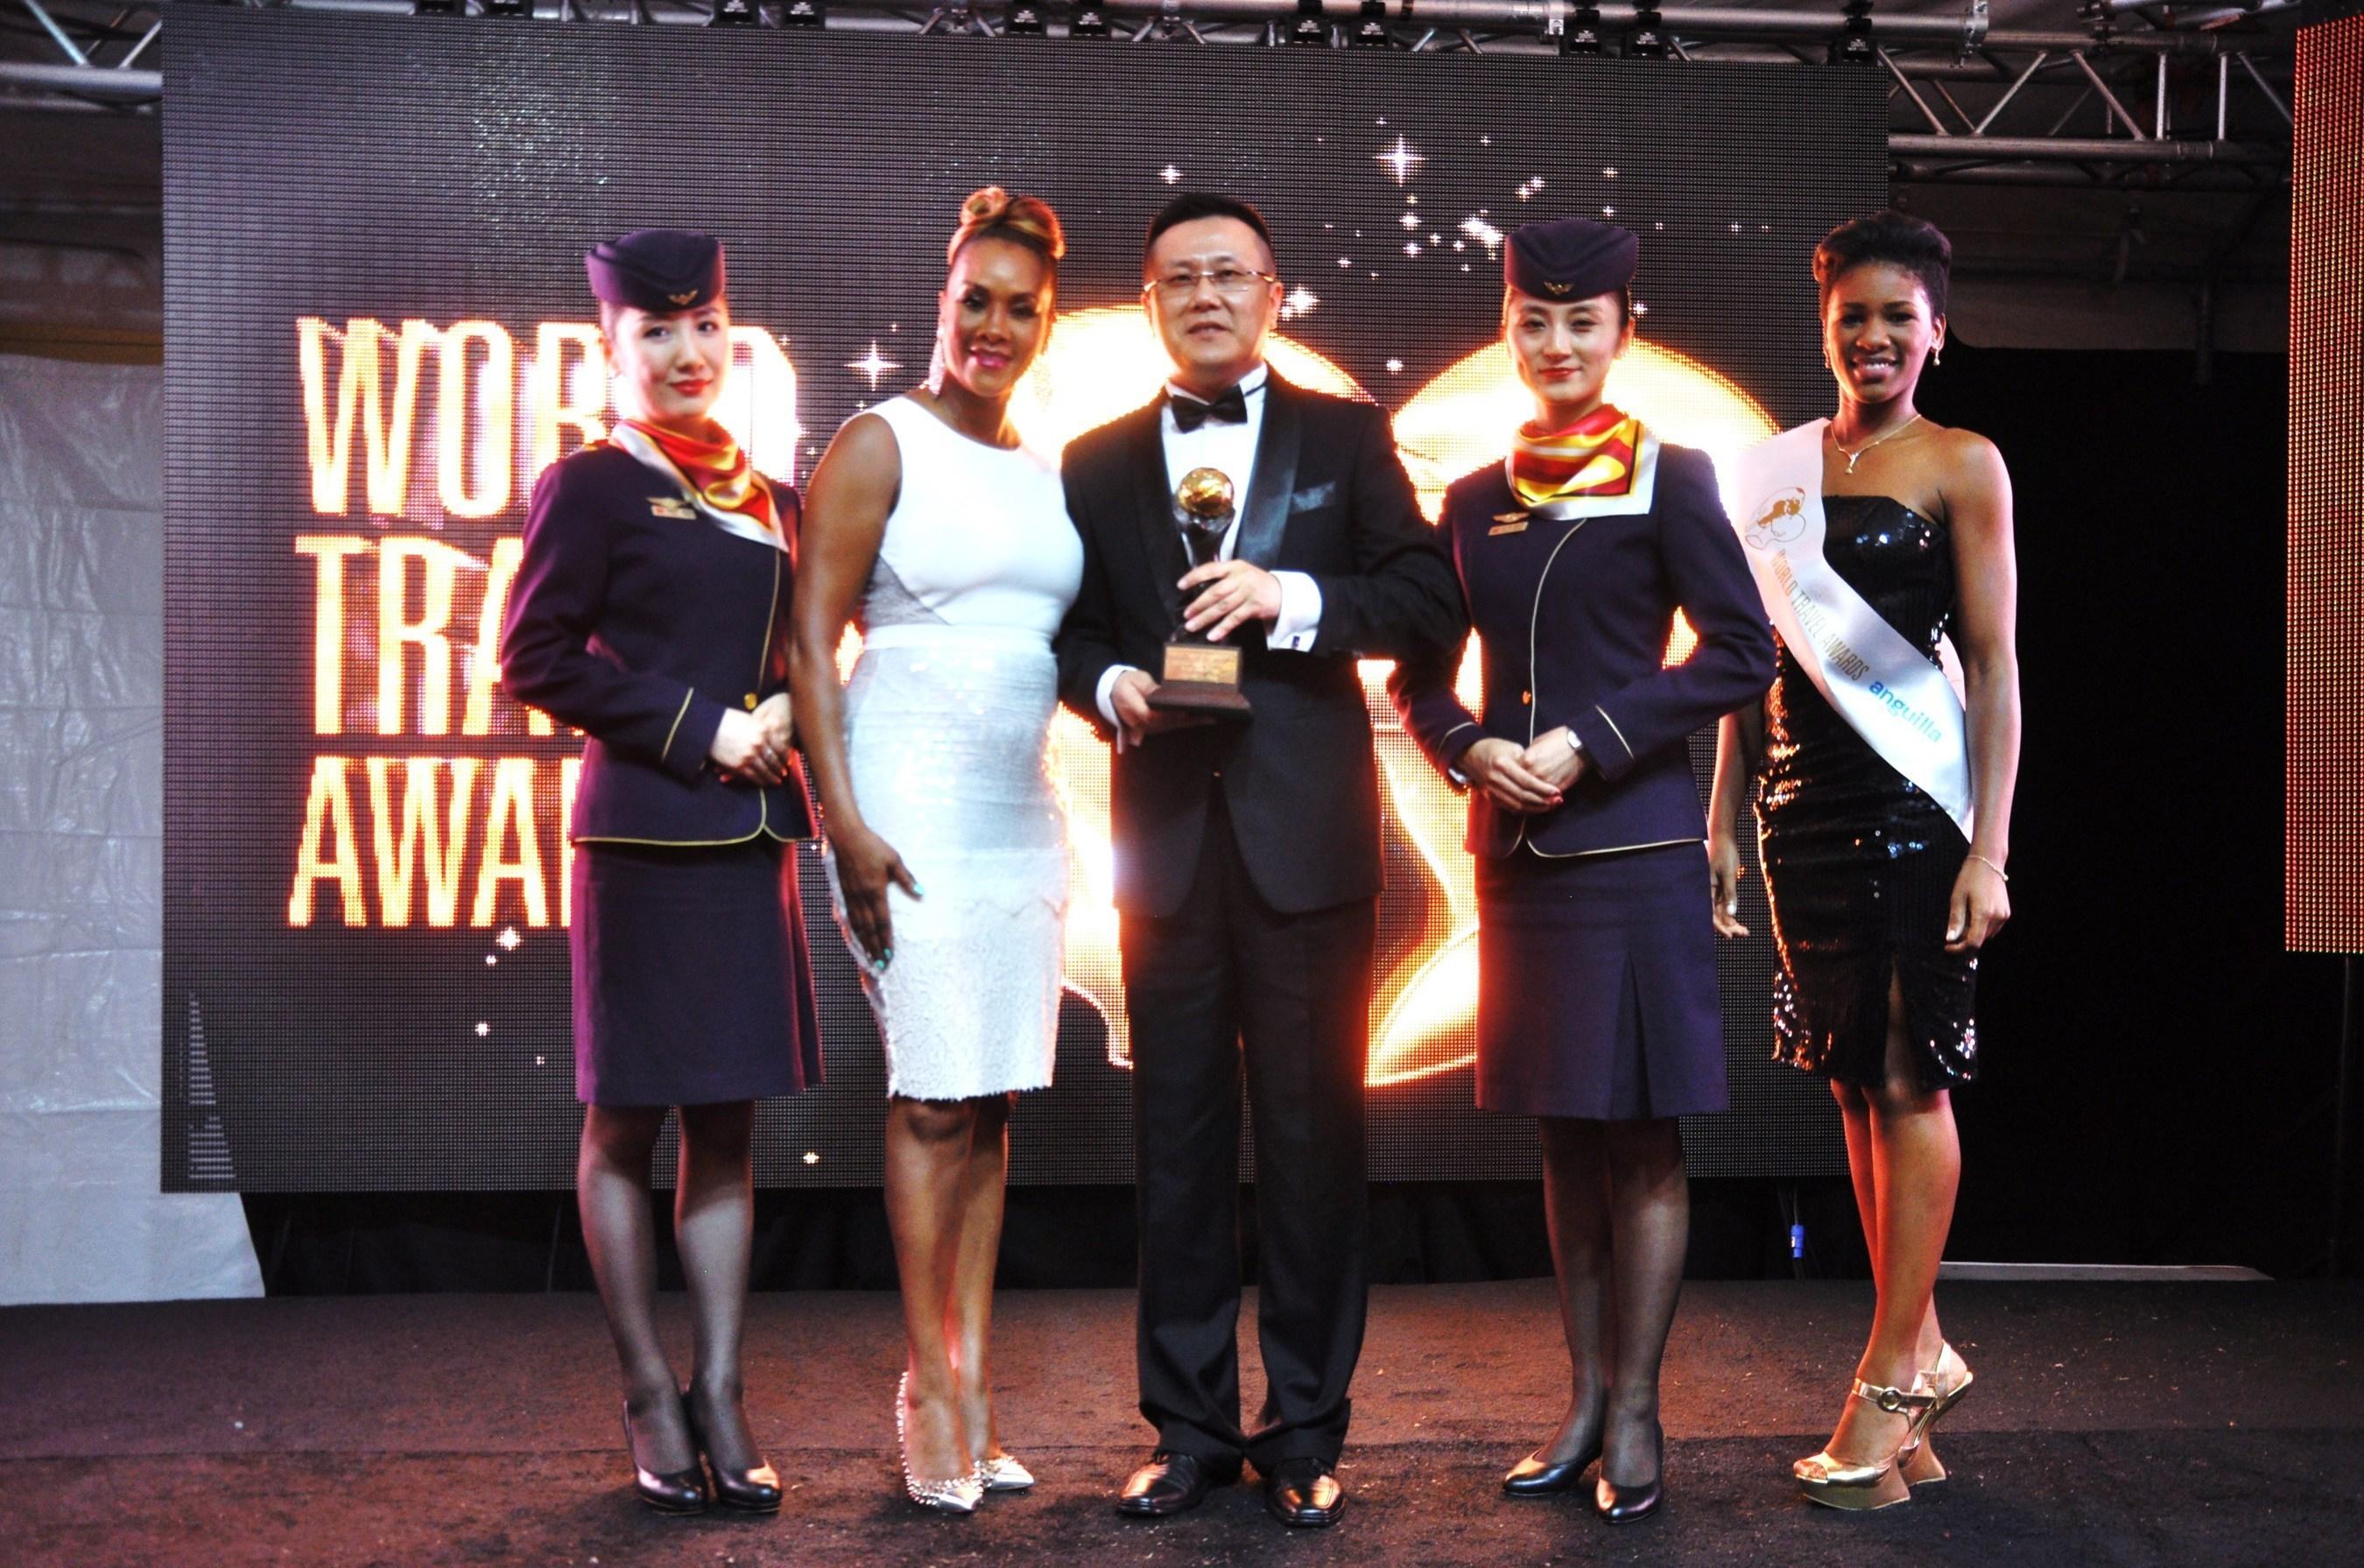 Hainan Airlines bei den WTA als weltweit führende Airline-Business Class 2014 geehrt